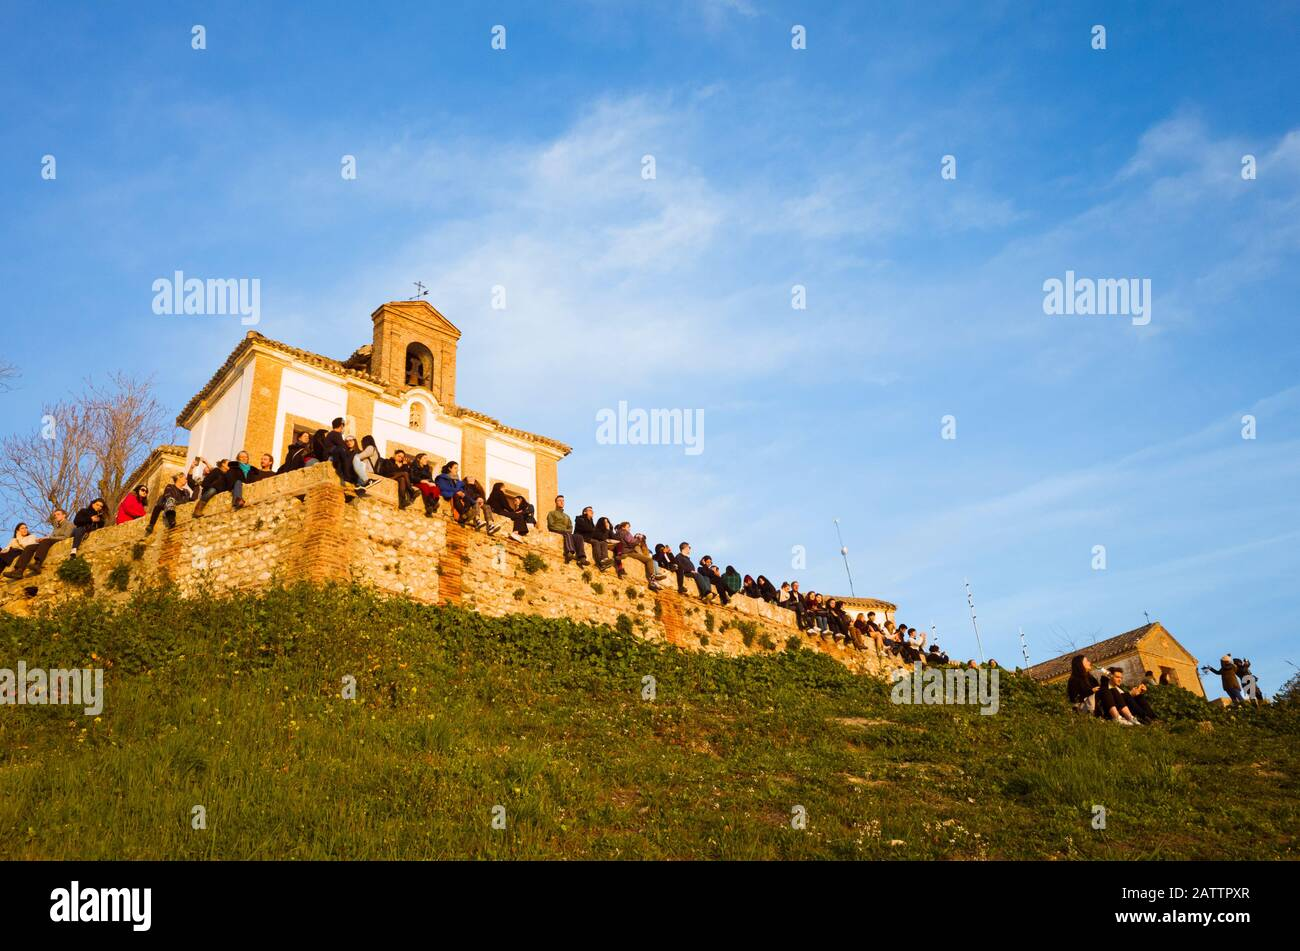 Granada, Spanien - 17. Januar 2020: EINE große Gruppe von Menschen betrachtet den Sonnenuntergang vom Aussichtspunkt der Einsiedelei San Miguel alto aus. Stockfoto